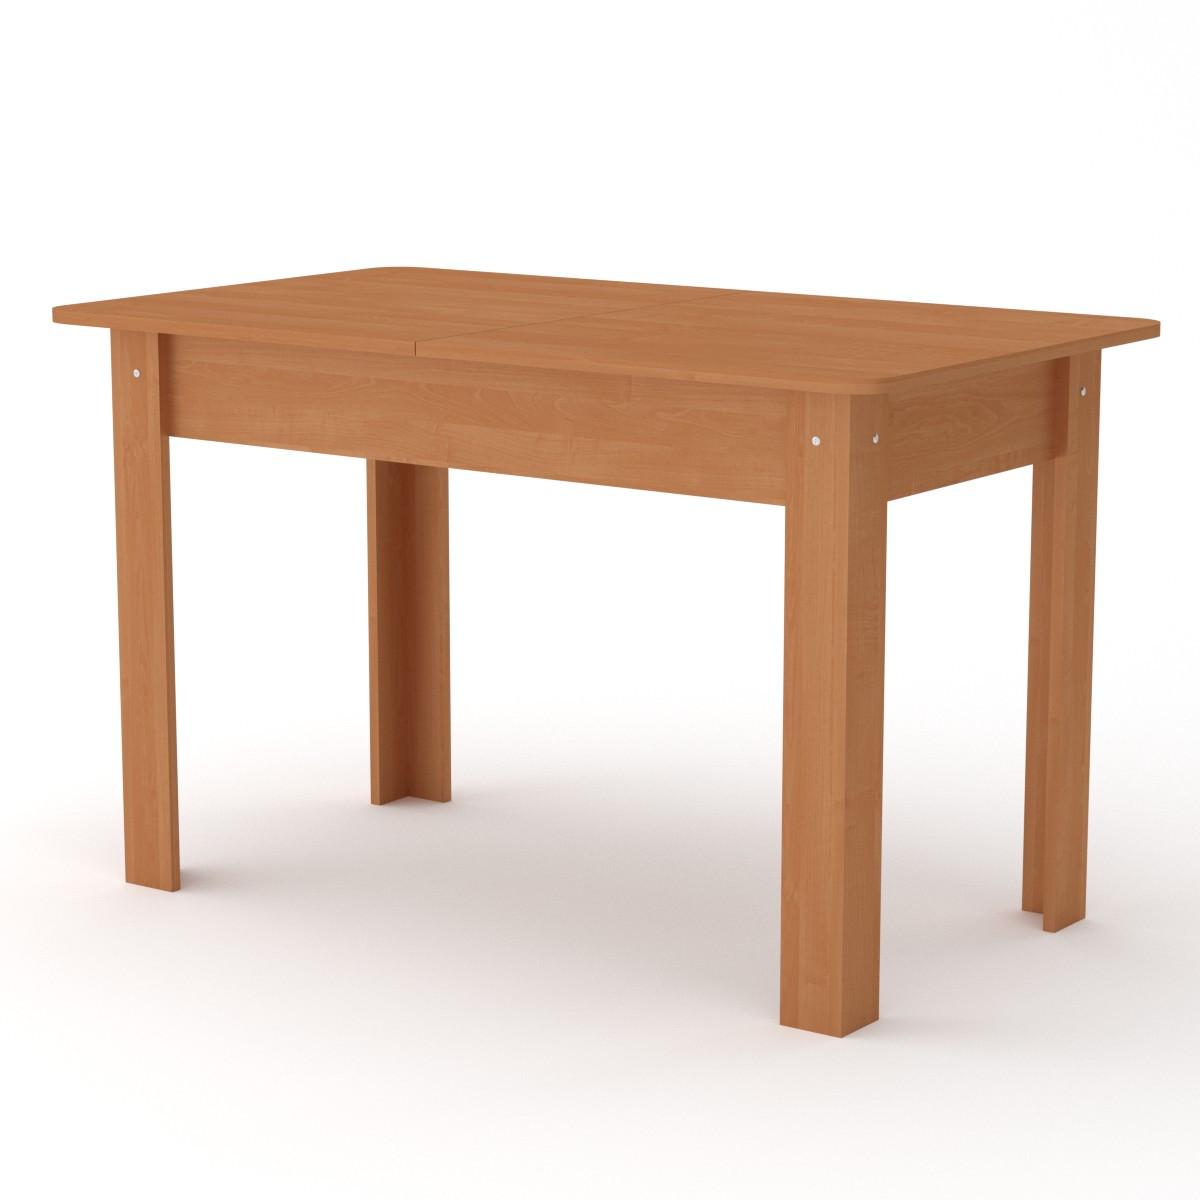 Стол кухонный КС-5 ольха Компанит (120х70х74 см)